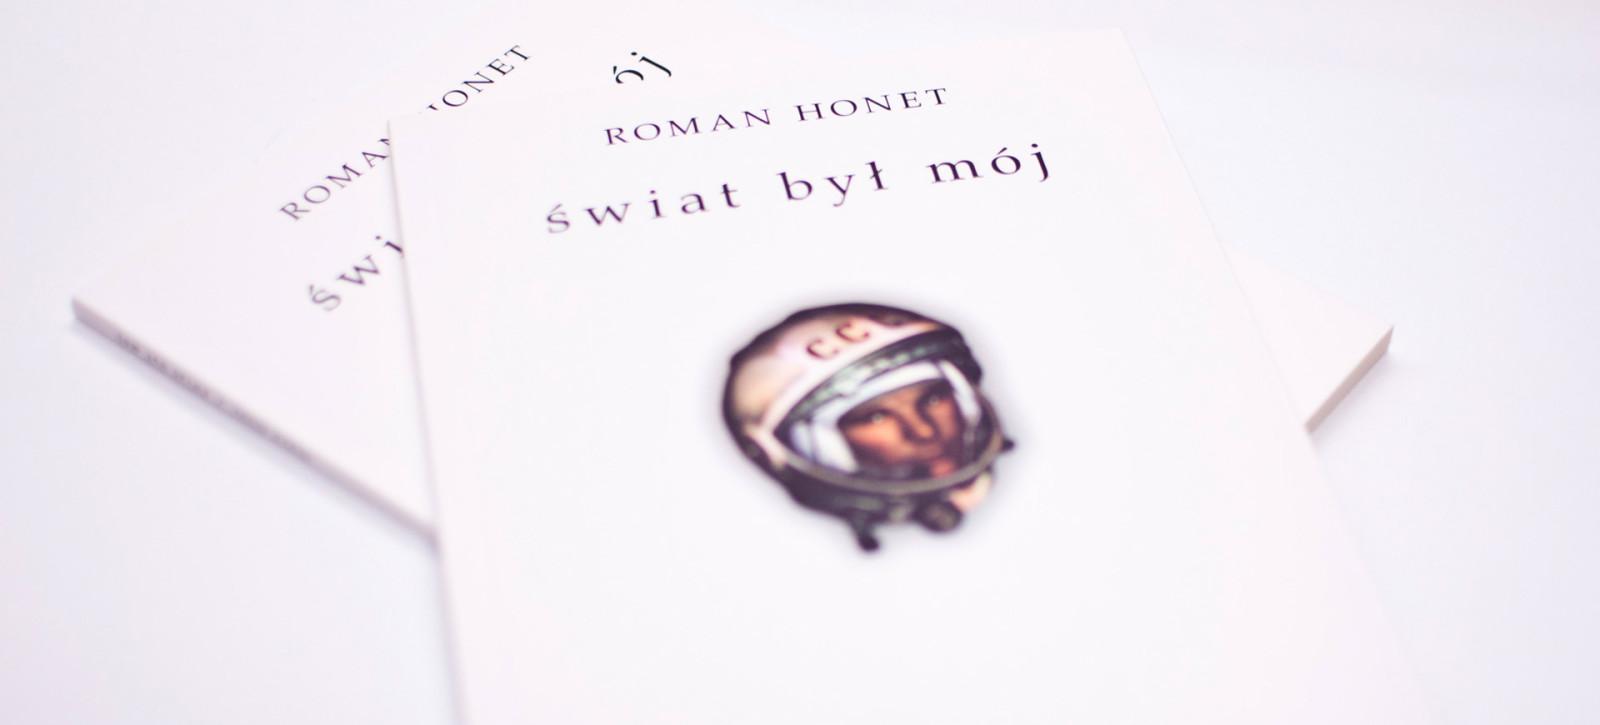 KSIAZKI_swiat-byl-moj